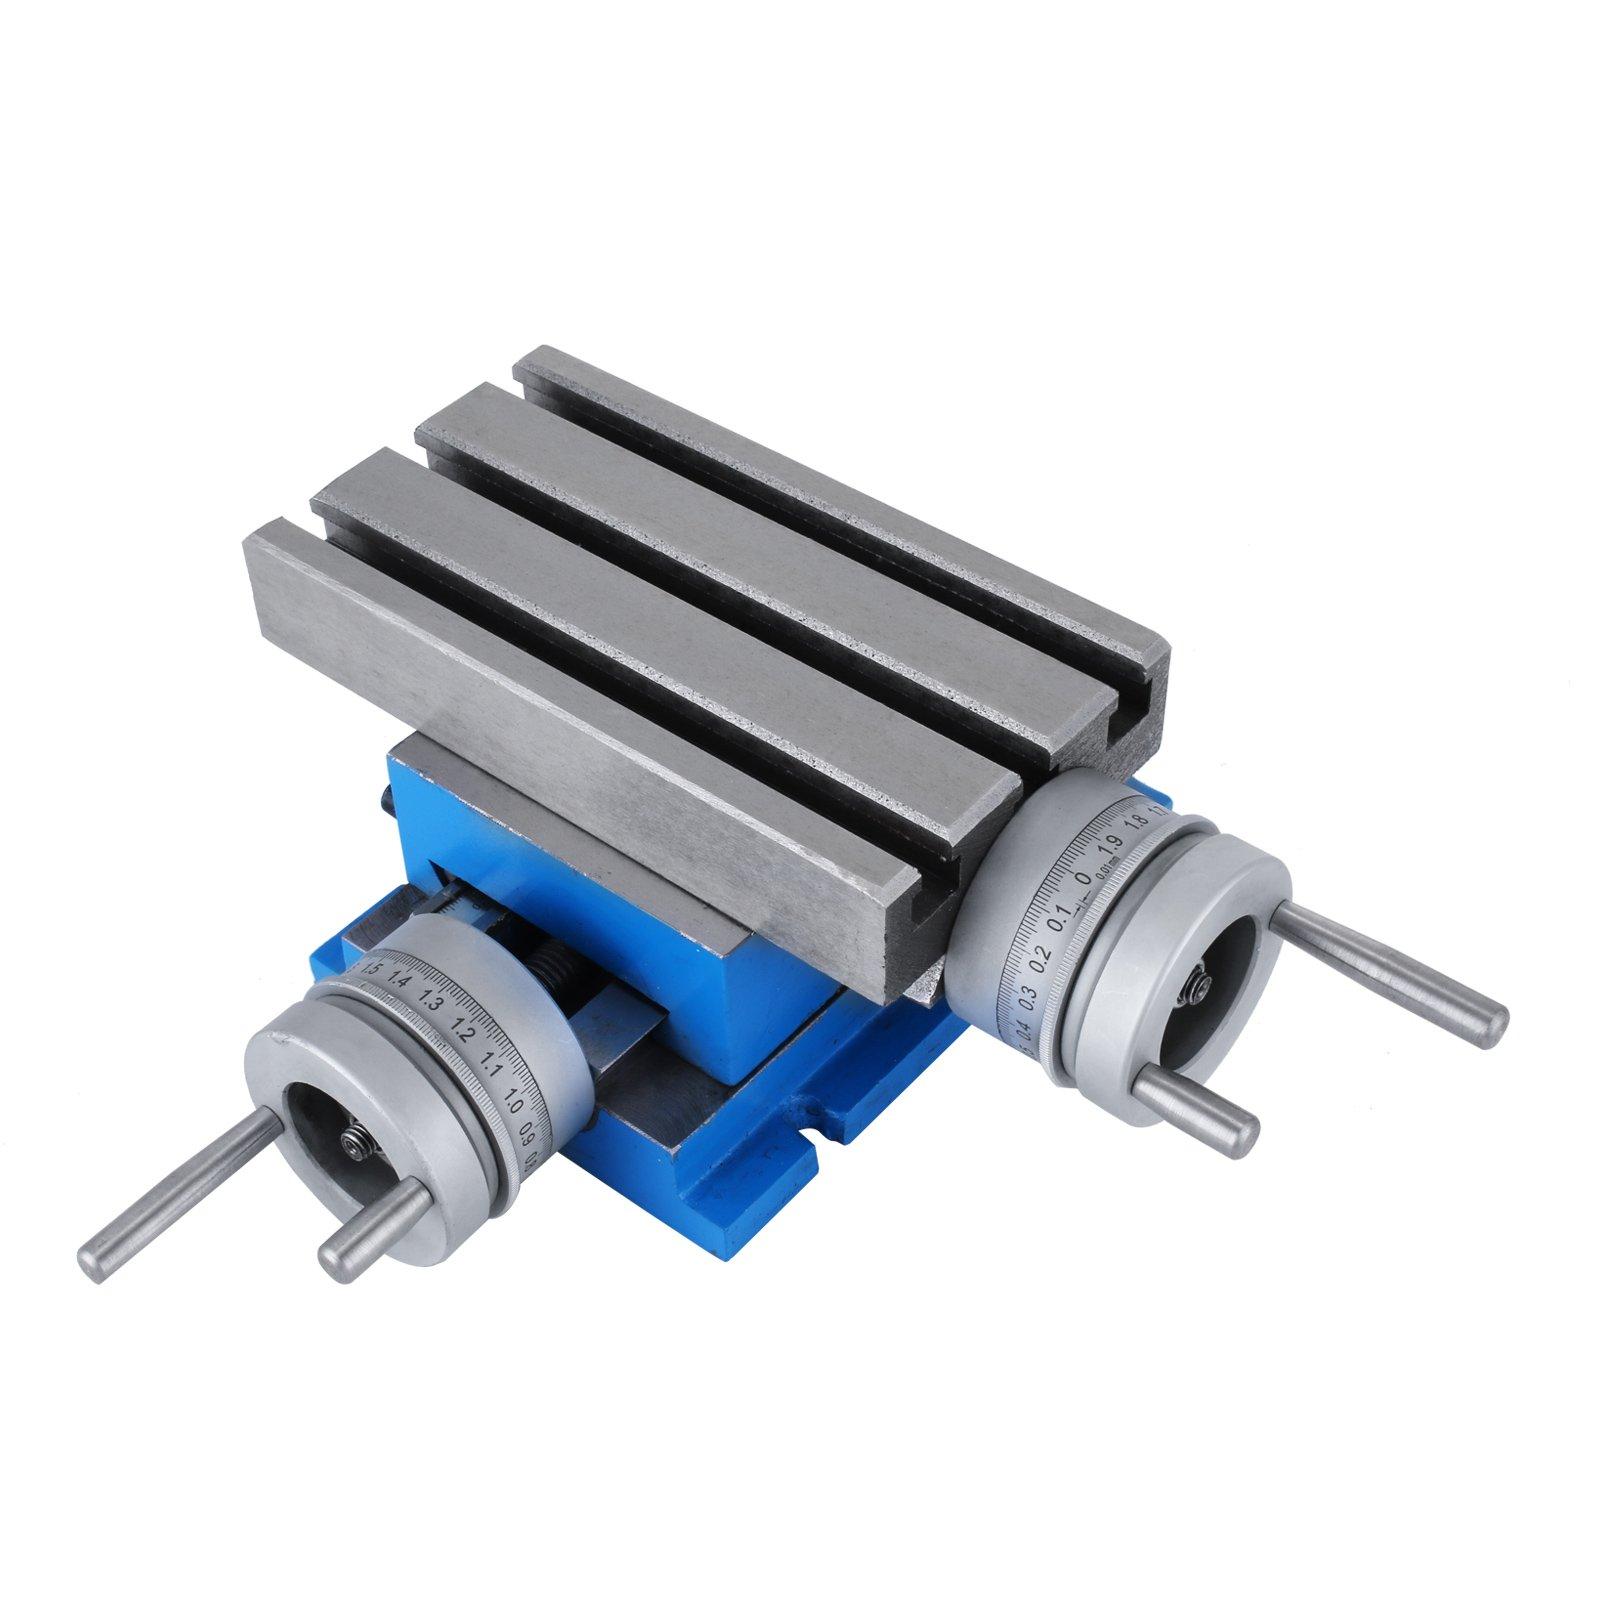 BestEquip 7.3 x 4 Inch Milling Machine Work Table Slide Milling Working Cross Table Machine for All Drill Stands Bench Drilling Milling Vise Machine (7.3 X 4 Inch)